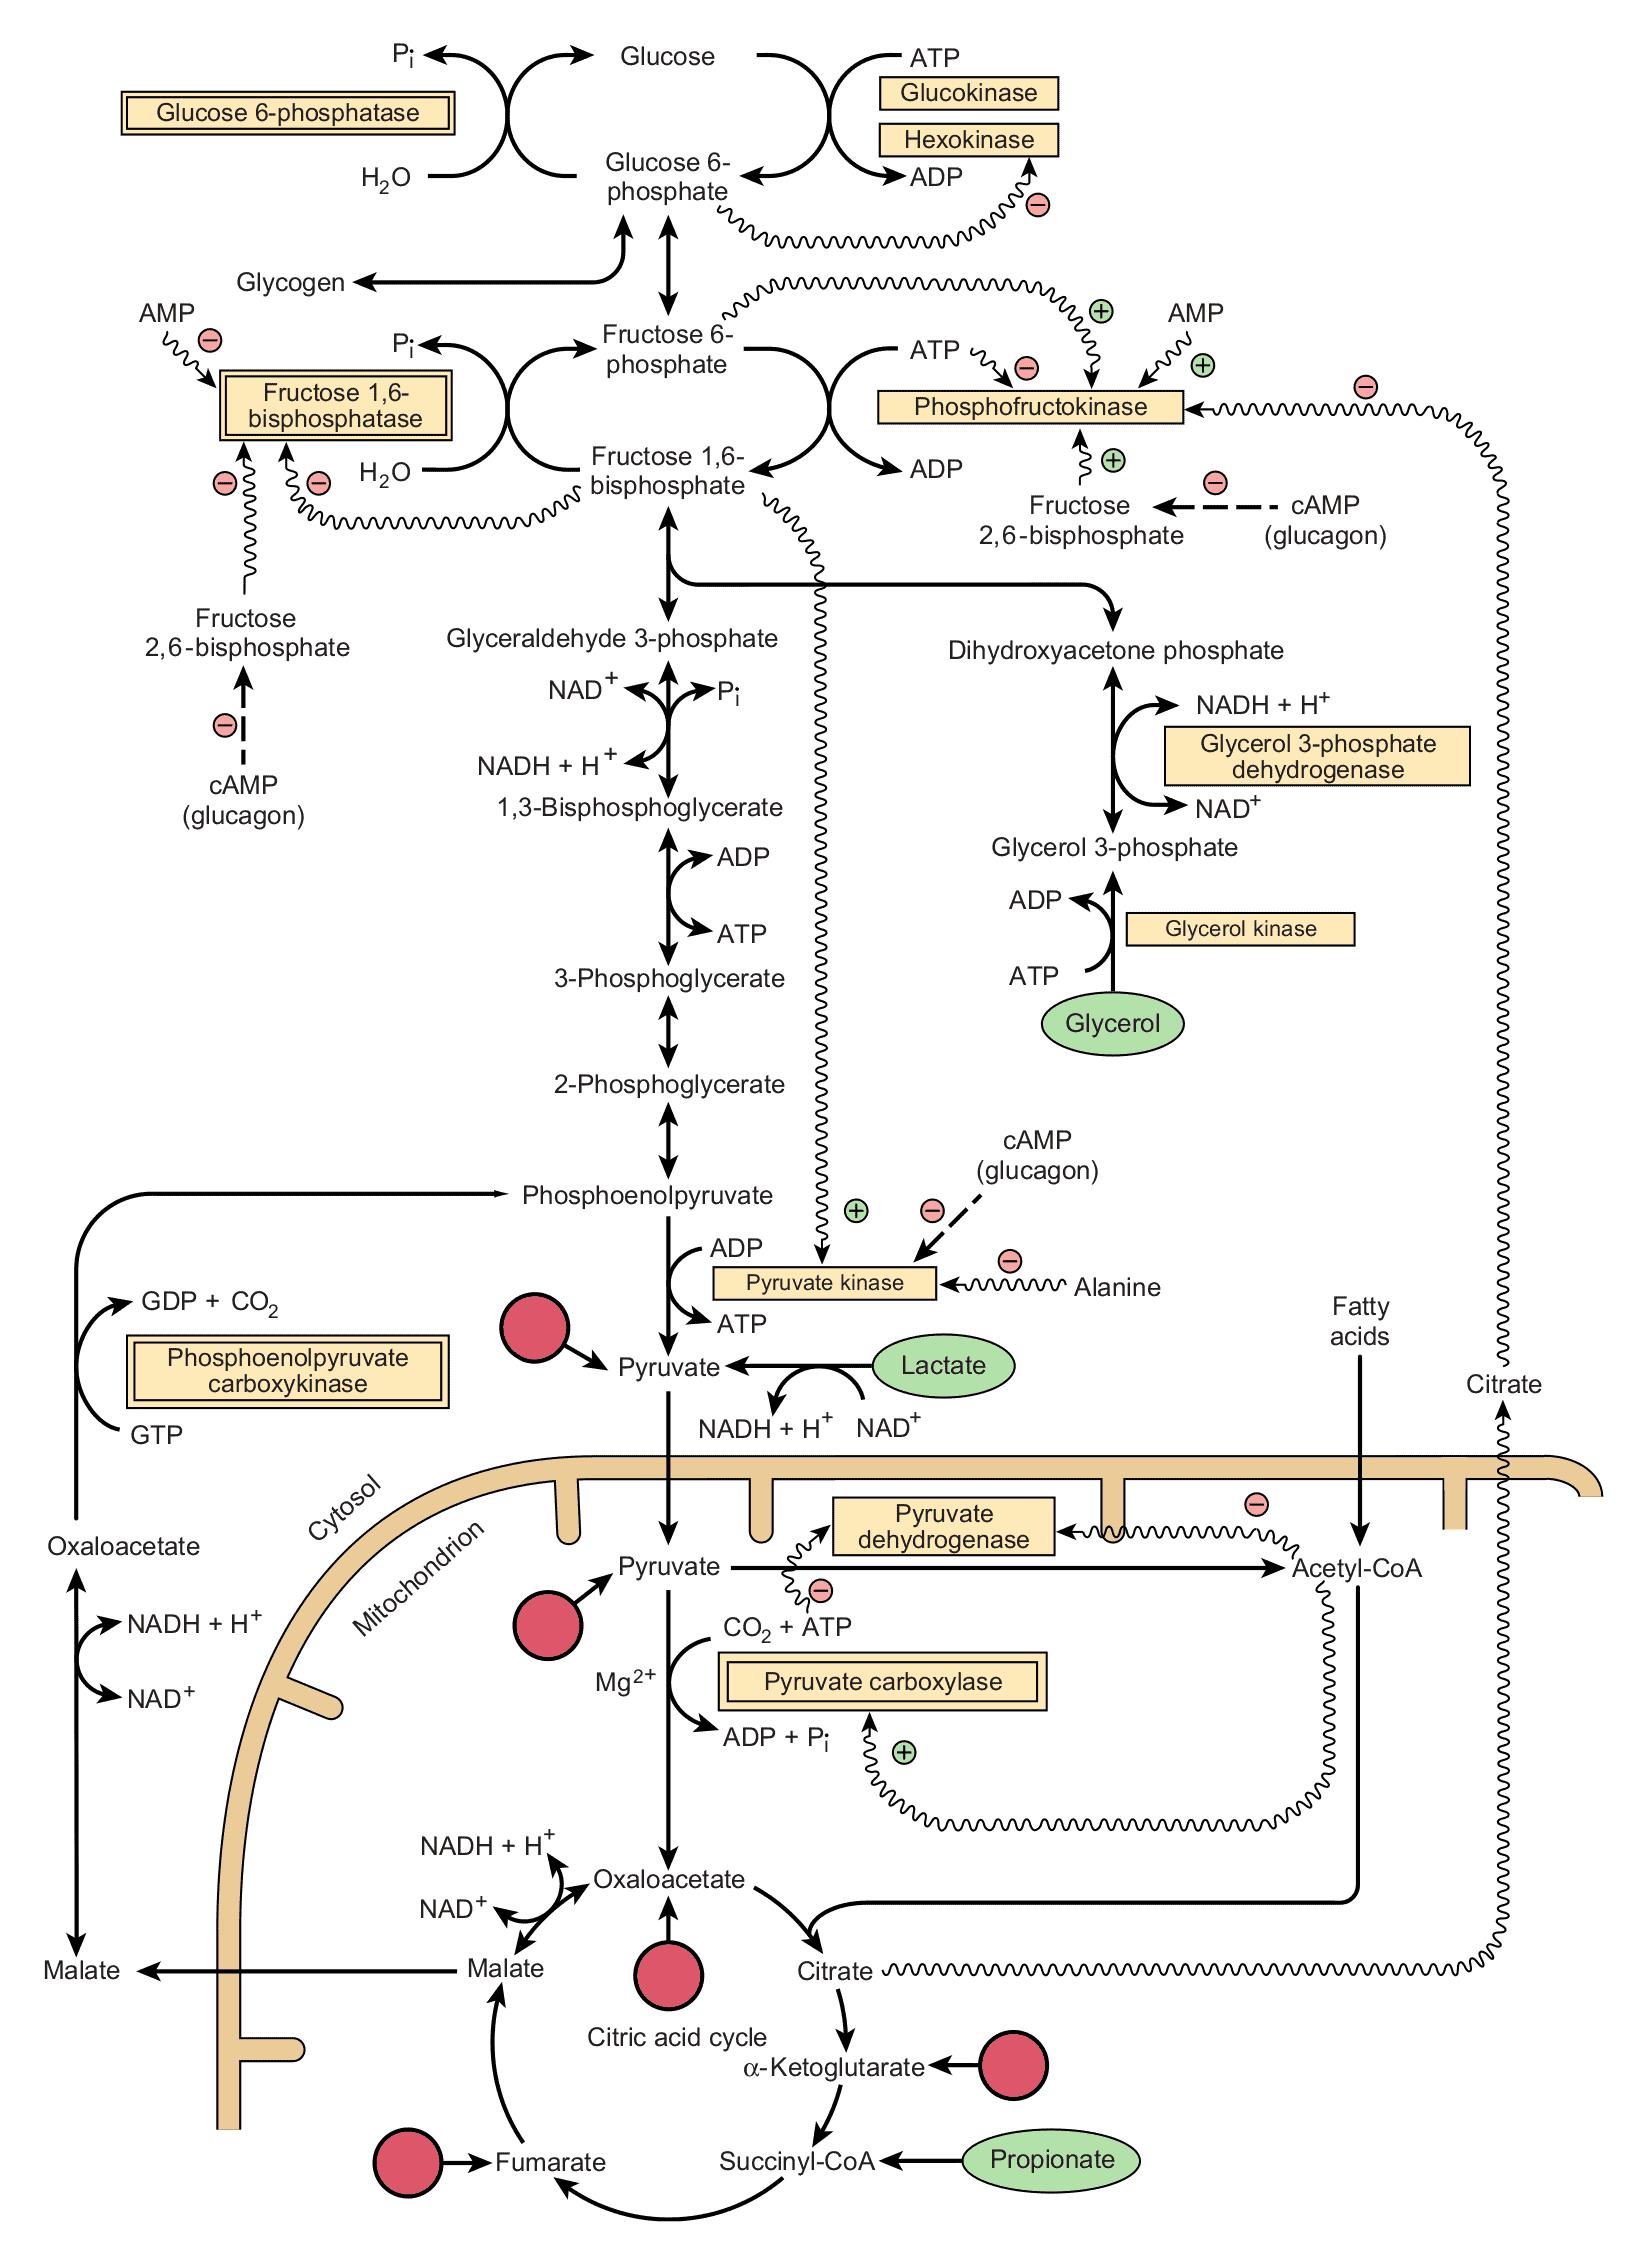 Jalur utama dan regulasi glukoneogenesis dan glikolisis di hati